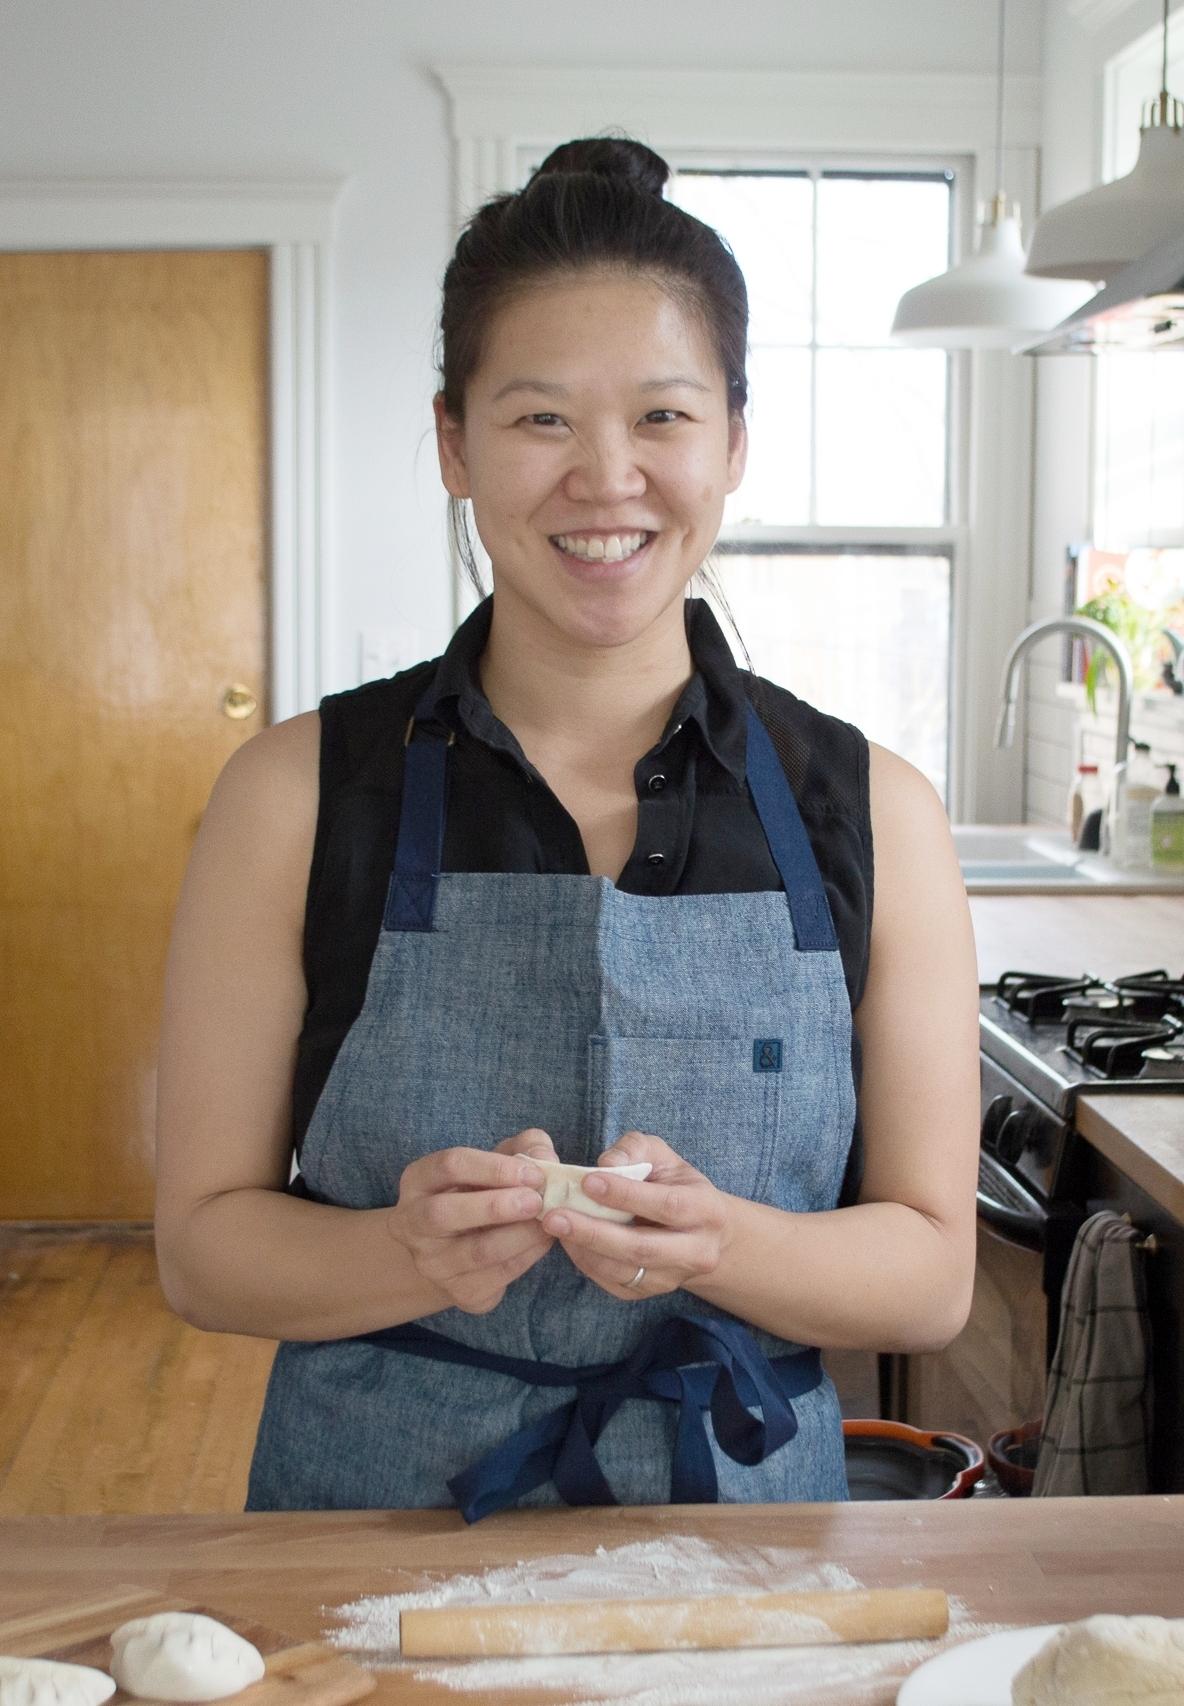 Mei making dumplings